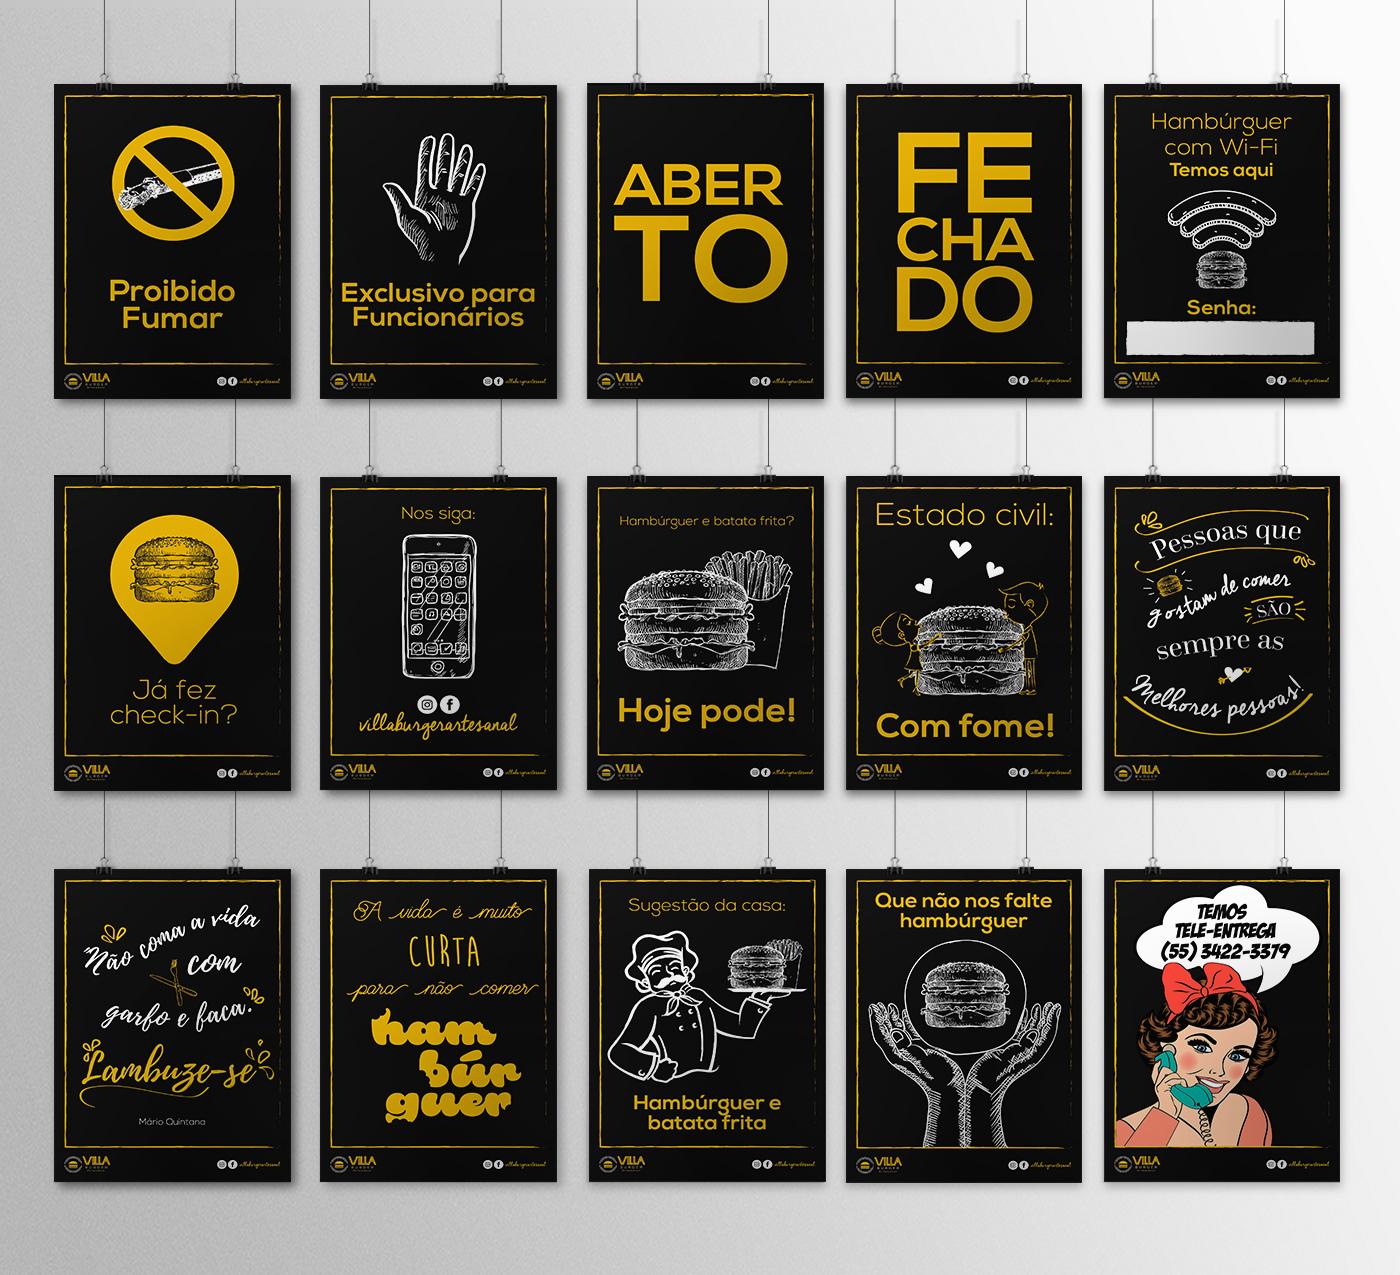 hamburguer menu cardápio criativo Ilustração Redes Sociais gifs alegre divertido logo